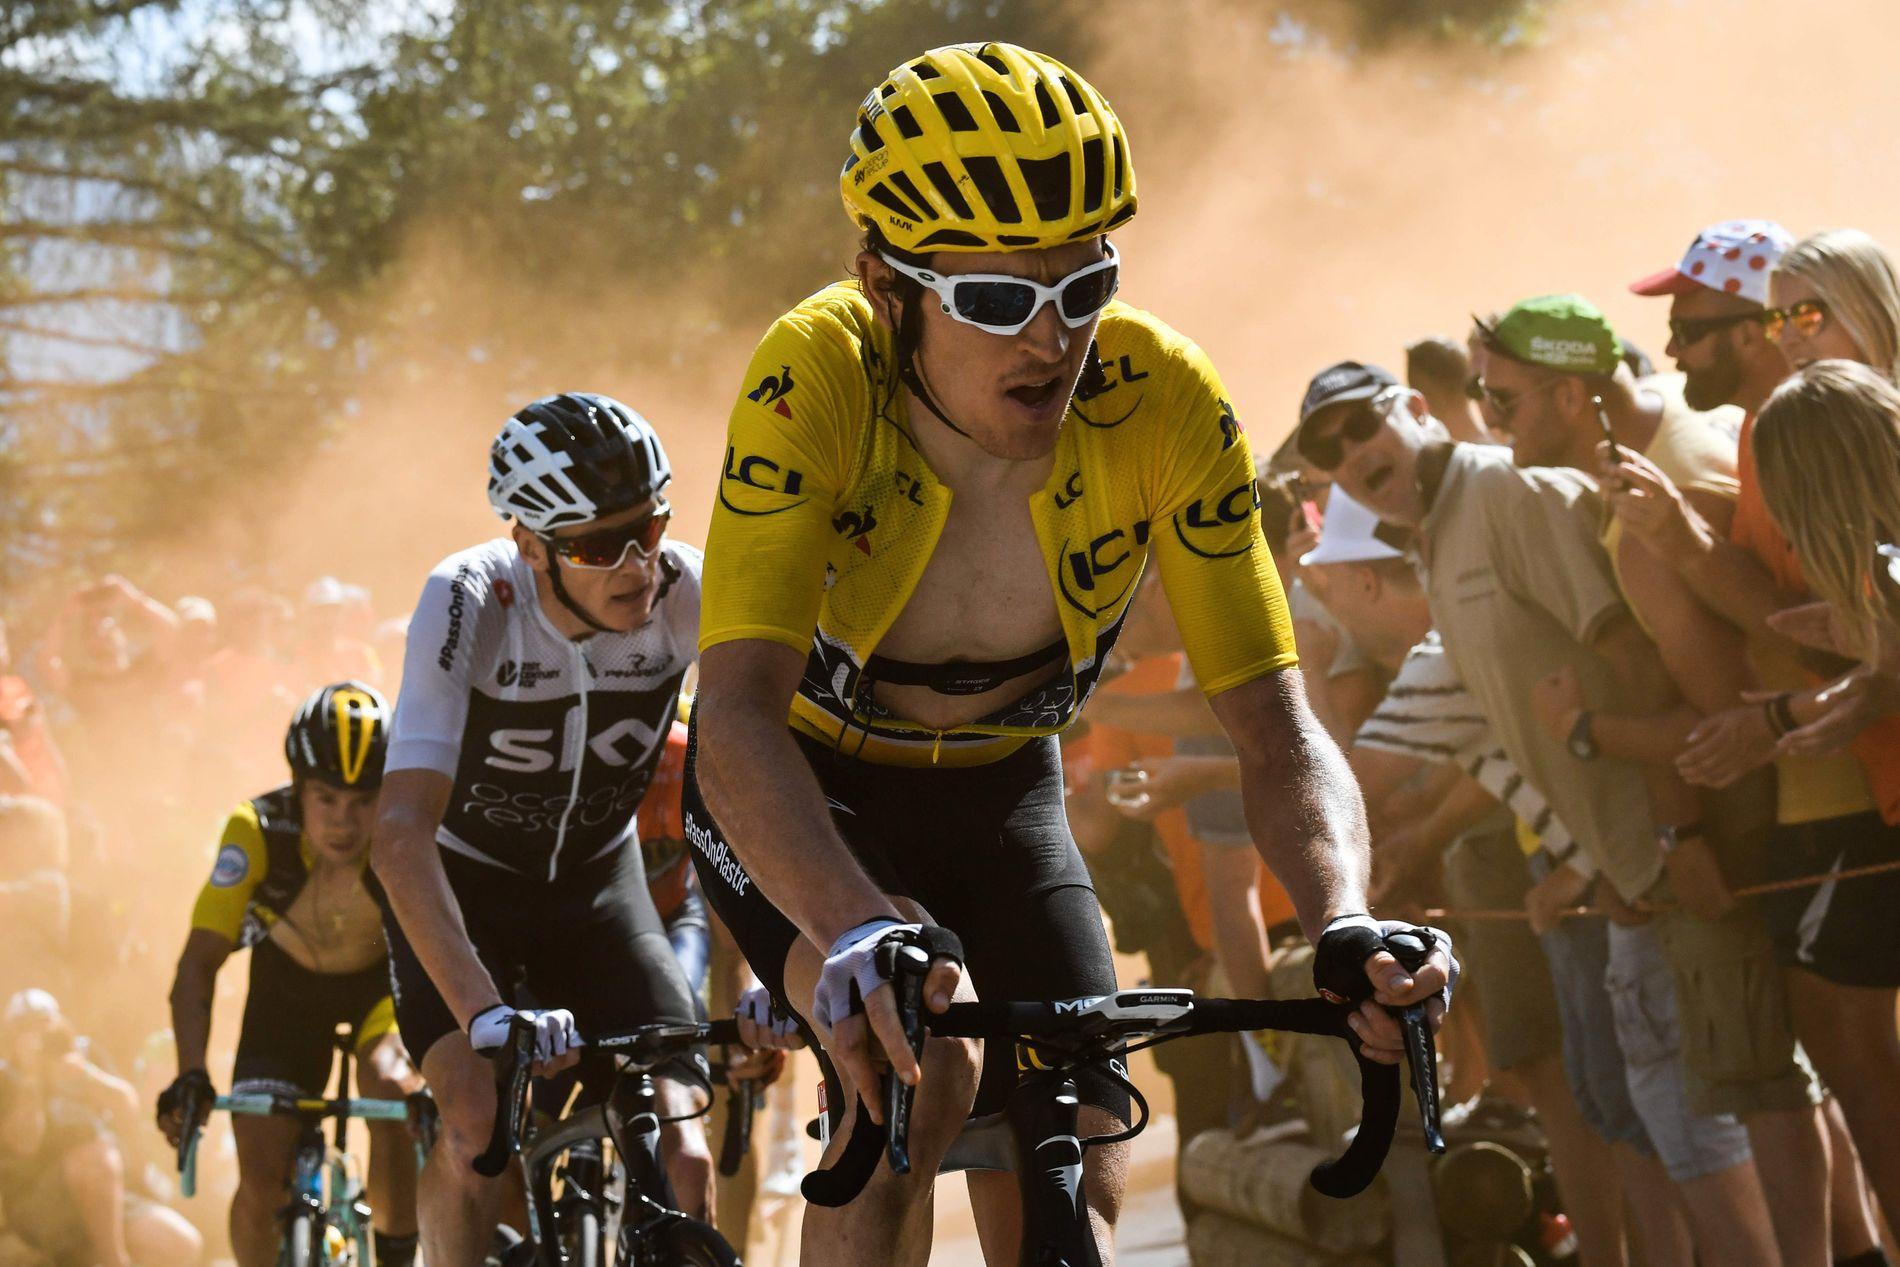 LANGT BAK: Geraint Thomas vant etappen opp ikoniske Alpe d'Huez på torsdag, men tiden var lang ifra den beste.